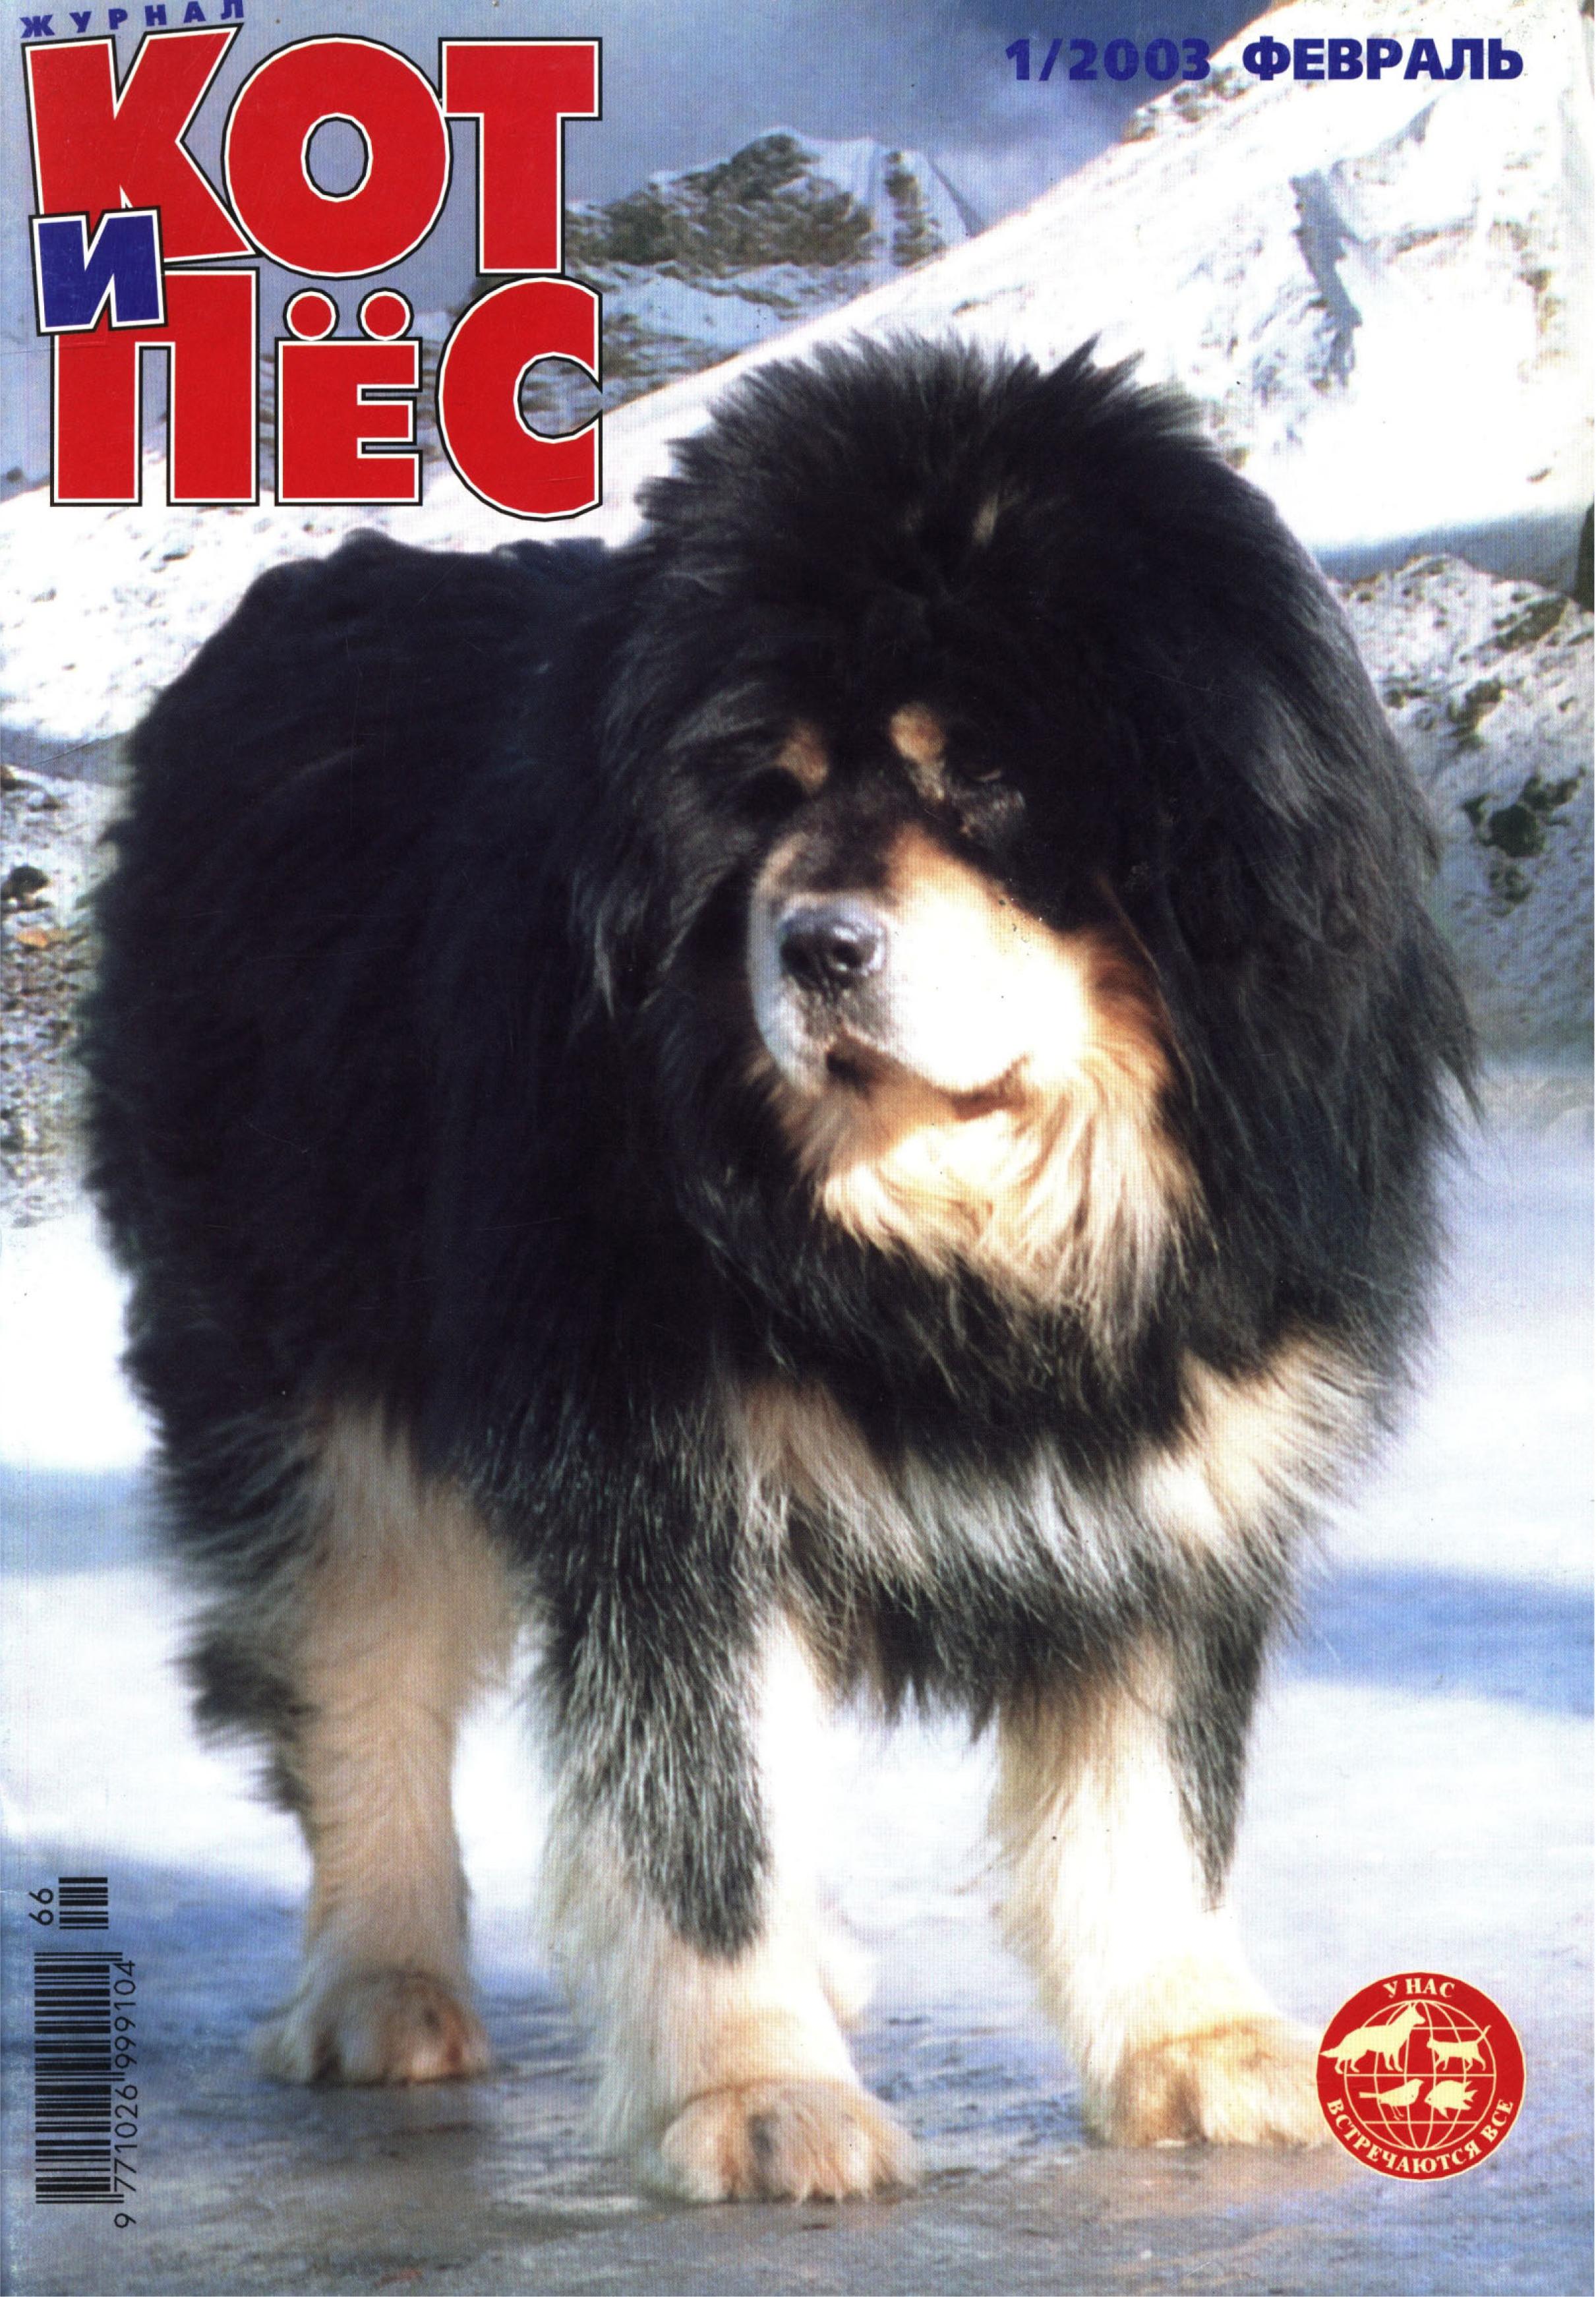 Отсутствует Кот и Пёс №01/2003 отсутствует кот и пёс 01 2003